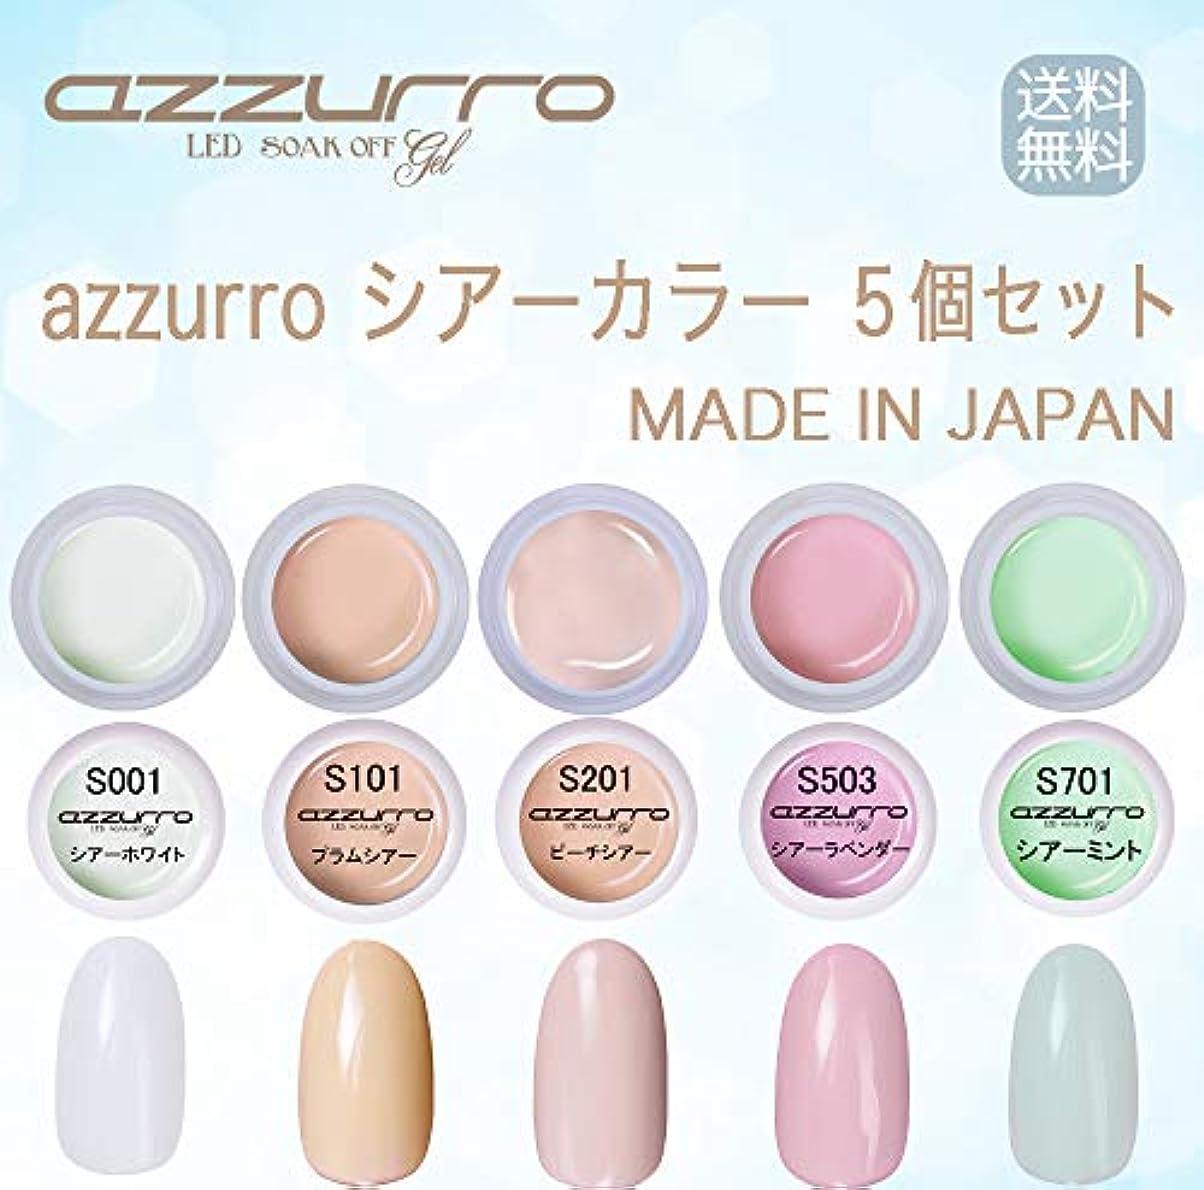 大量嘆くみ【送料無料】日本製 azzurro gel シアー カラージェル5個セット グラデーションにもピッタリなカラー